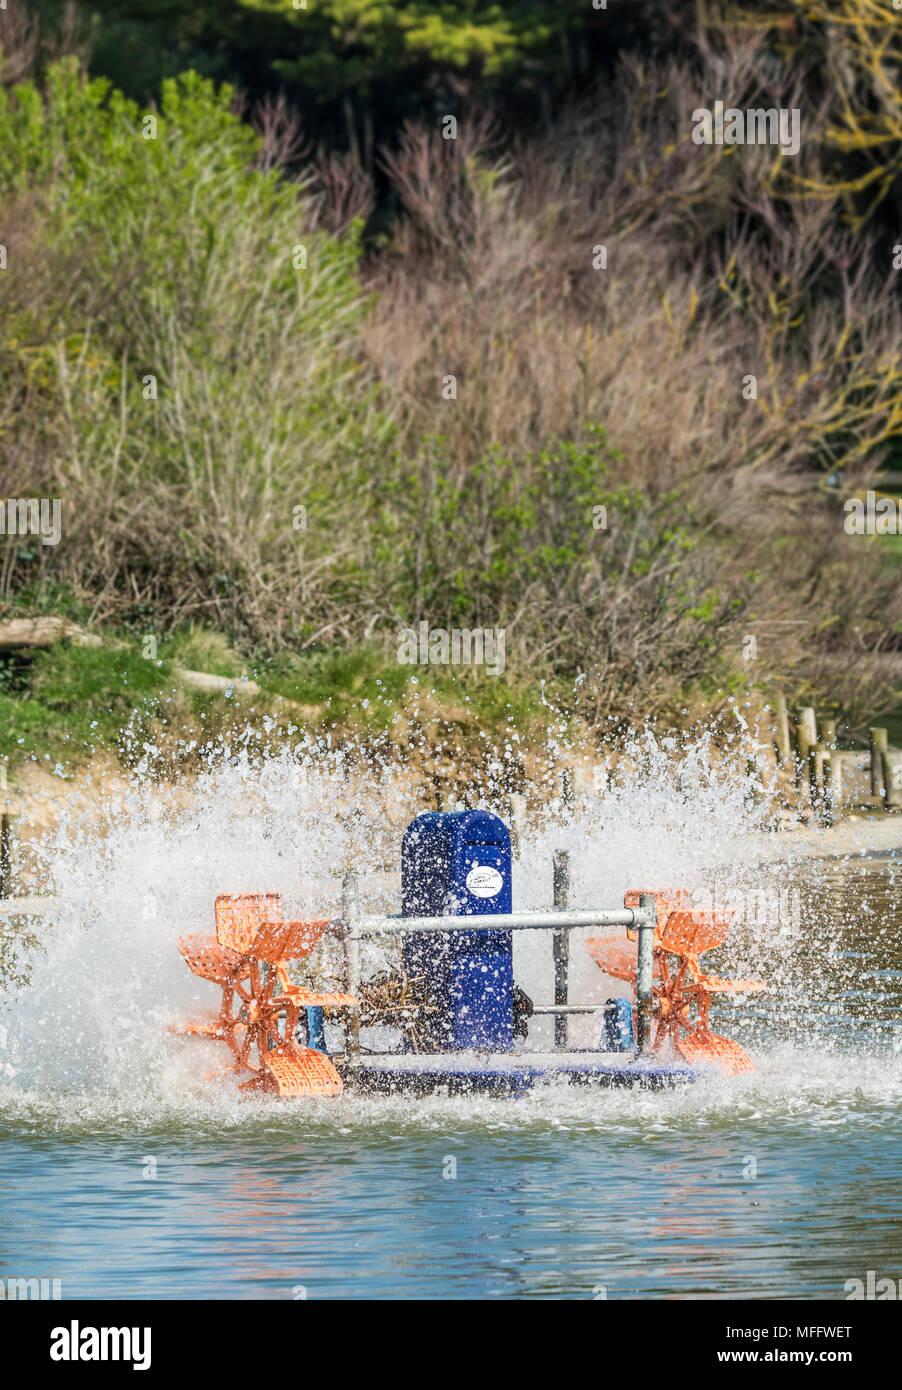 Aireador de agua en un pequeño lago. Imagen De Stock